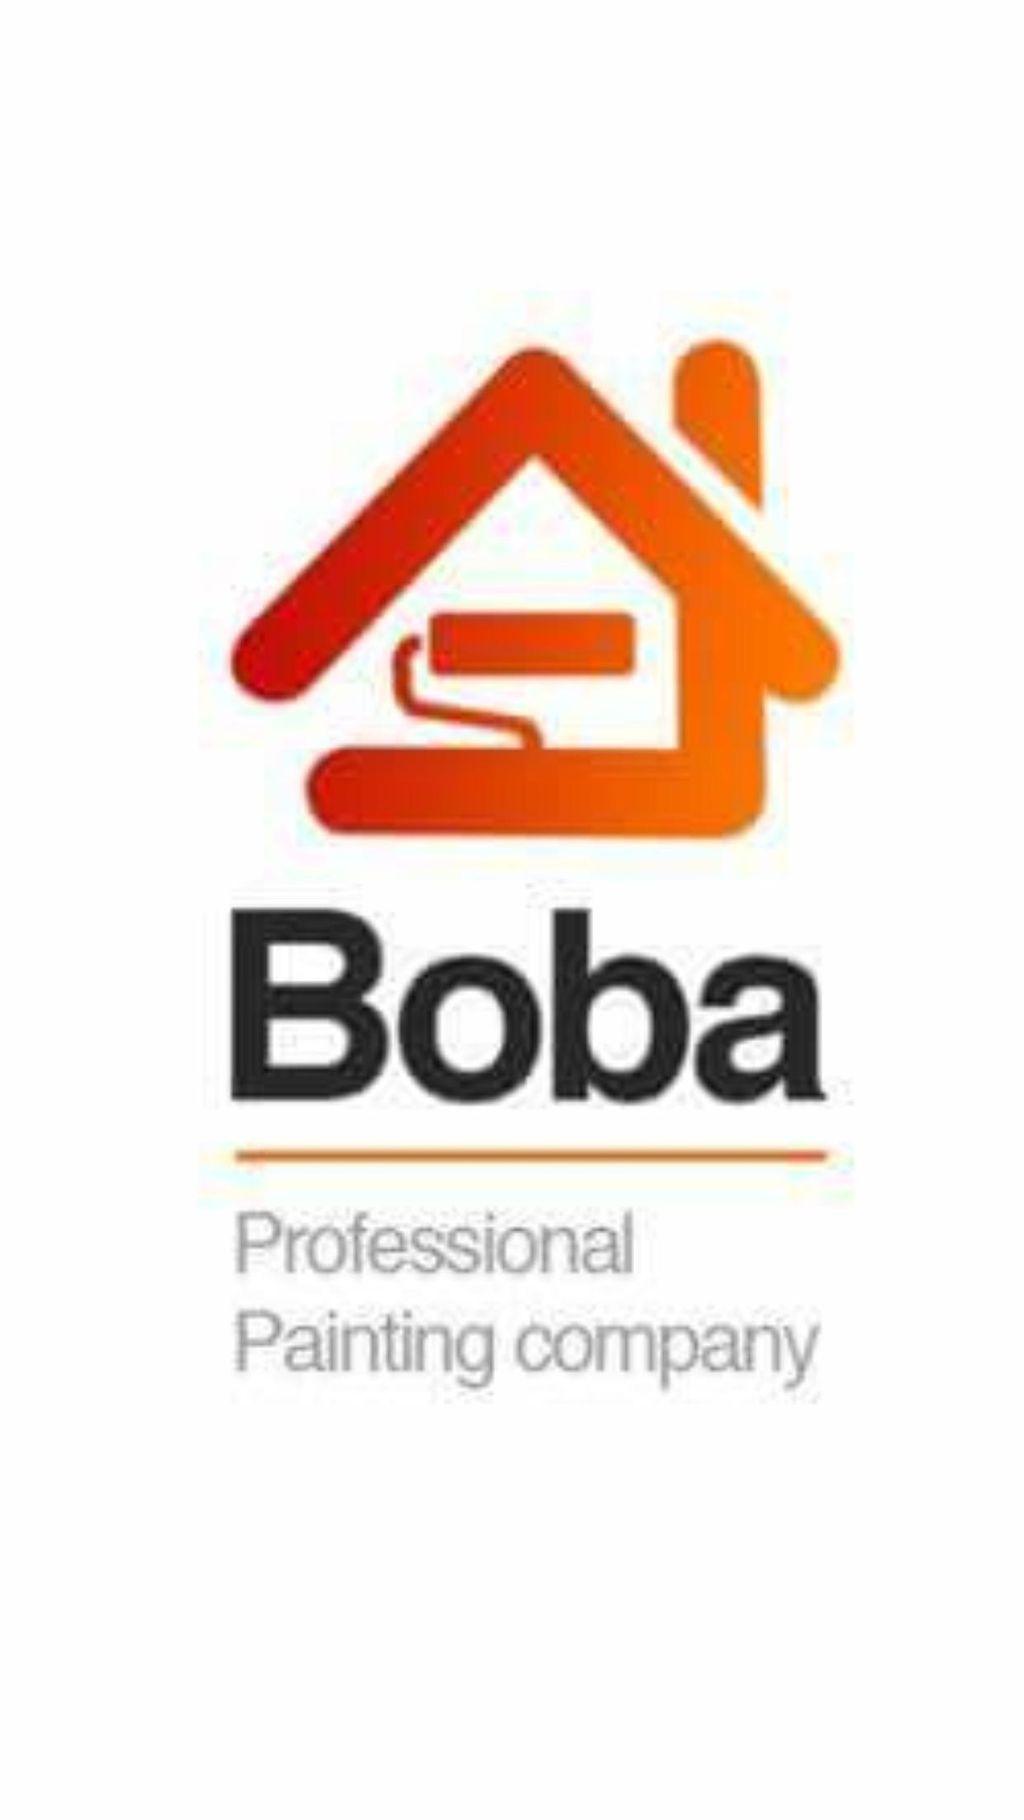 Boba Painting